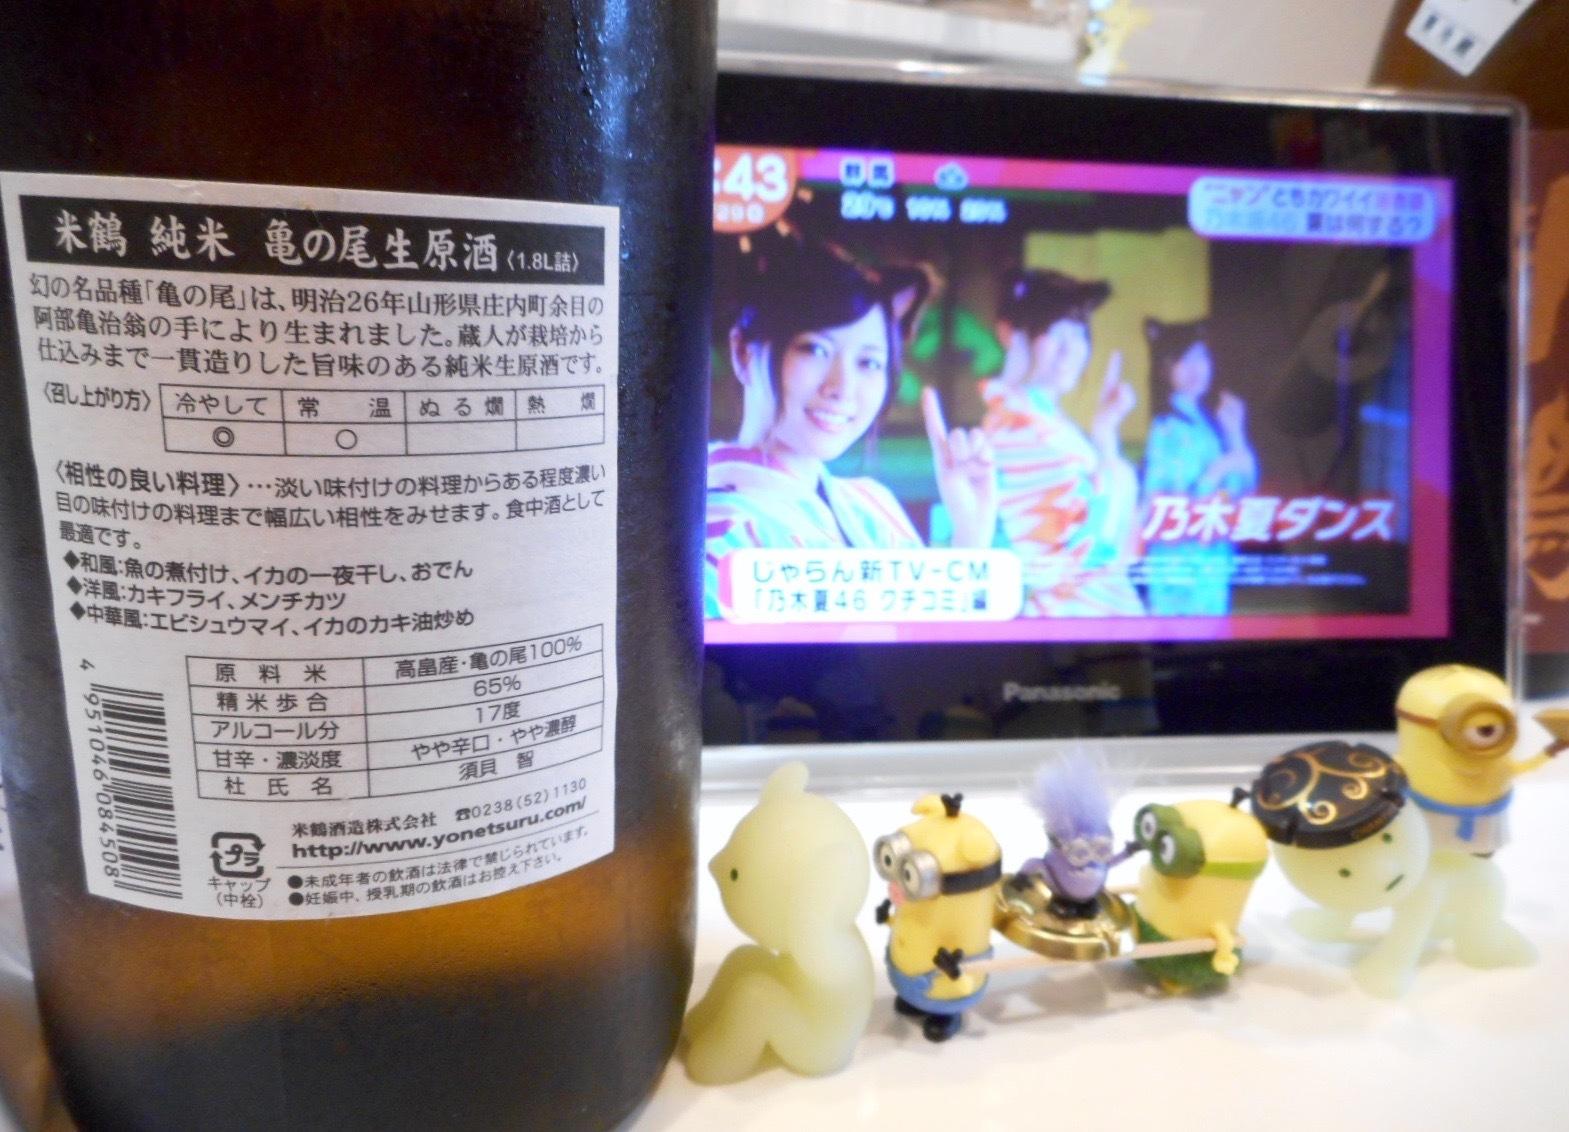 yonetsuru_kamenoo65nama_28by2.jpg